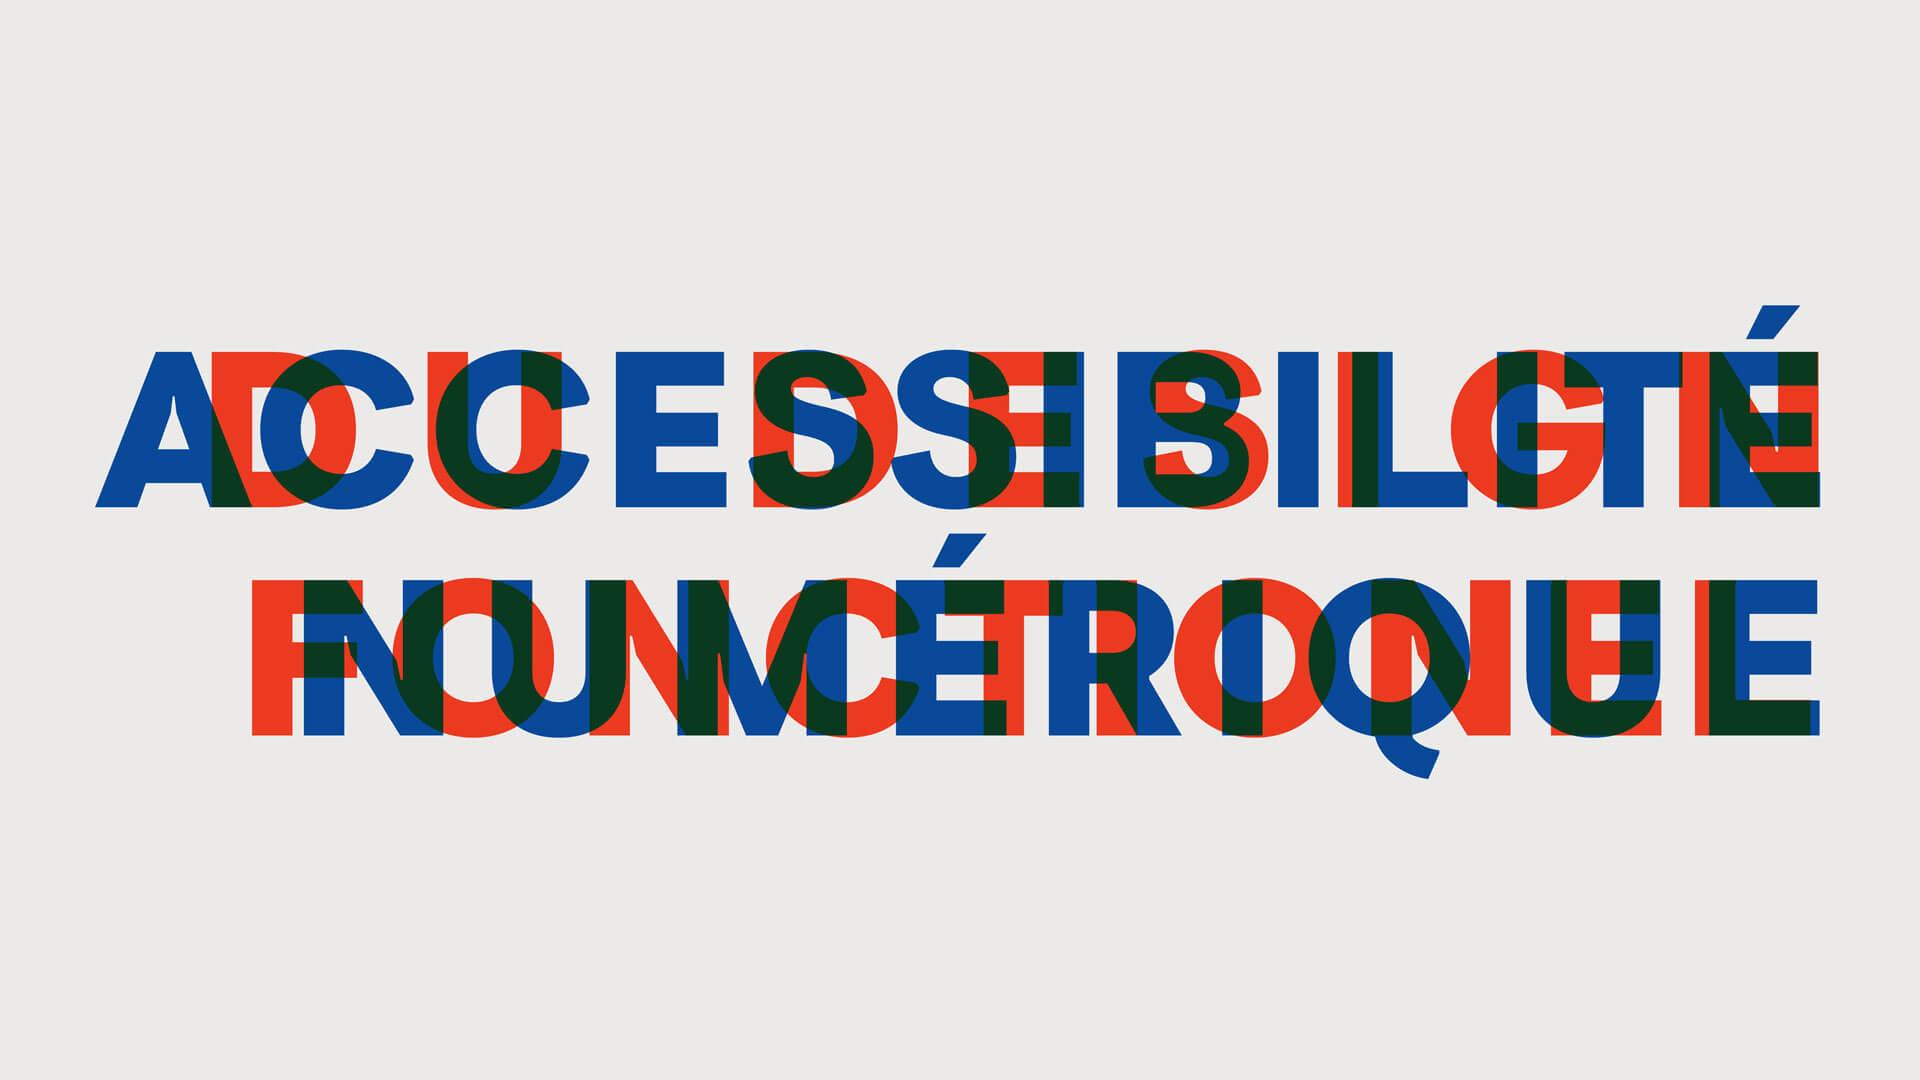 Accessibilité numérique, du design fonctionnel